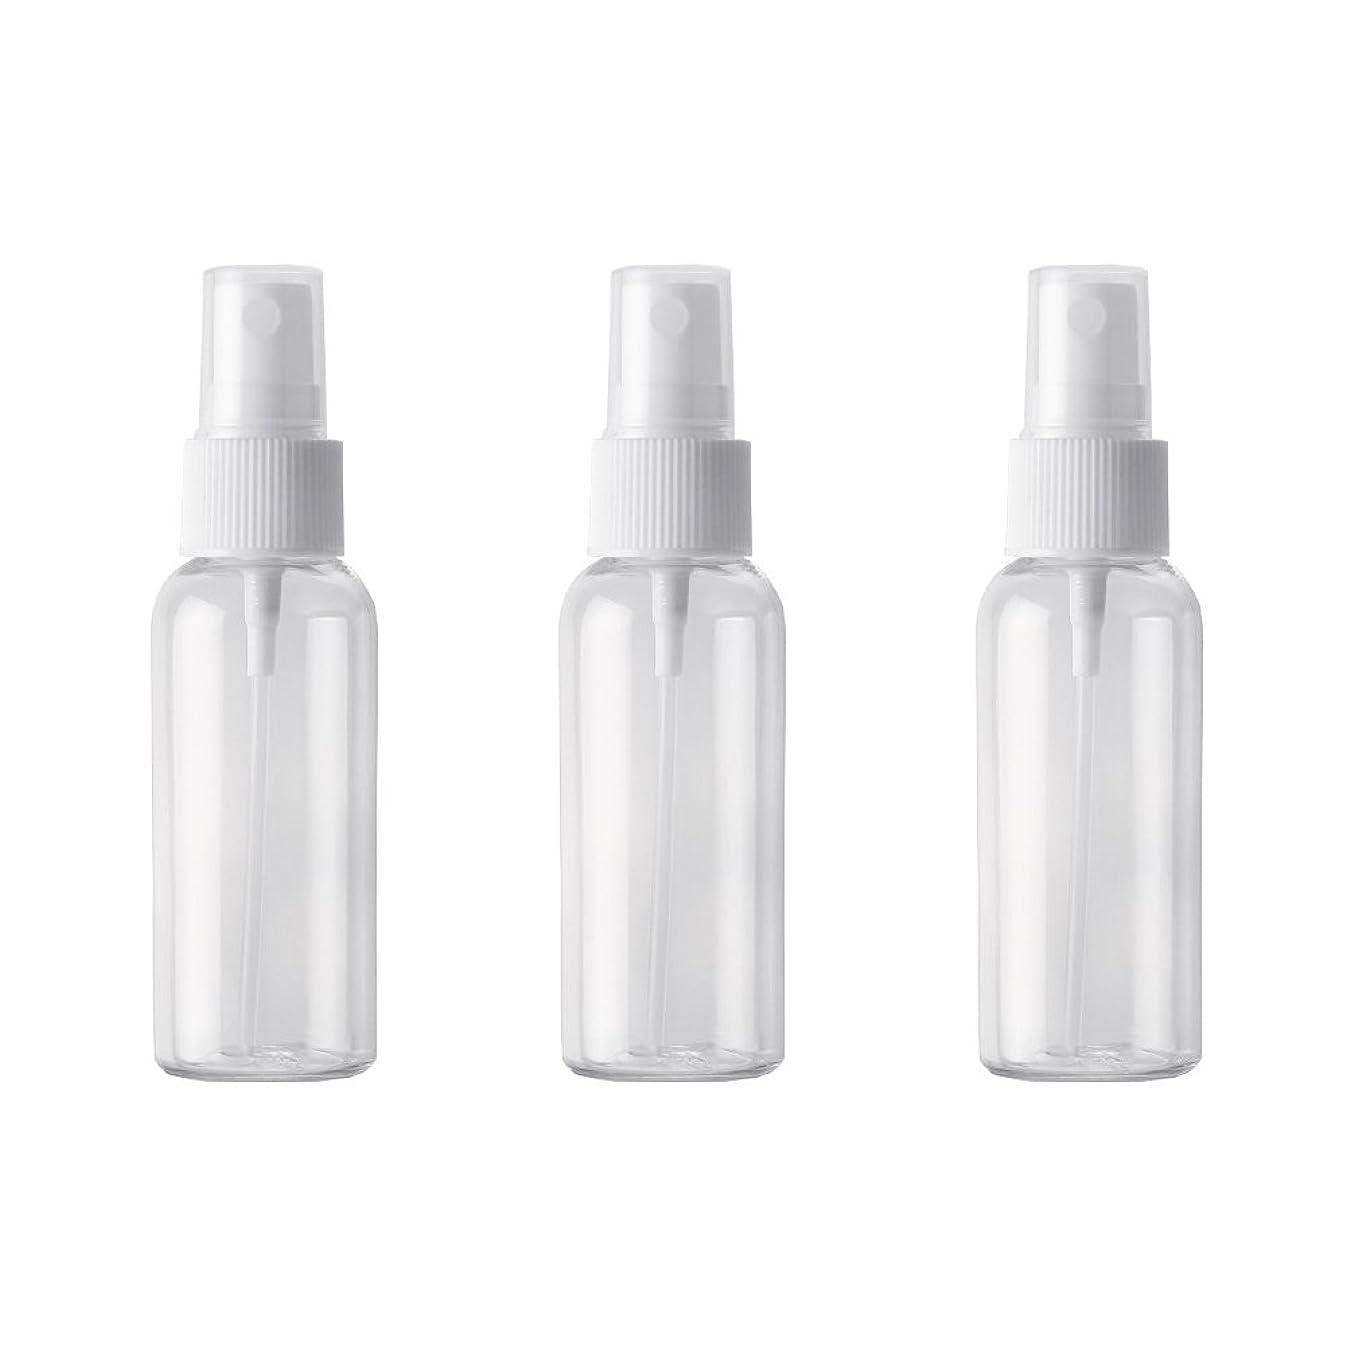 操作可能半球コールドPET小分けボトル トラベルボトル スプレーボトル 3本セット 霧吹き 小分け容器 化粧水 精製水 詰替ボトル 旅行用(50ml )